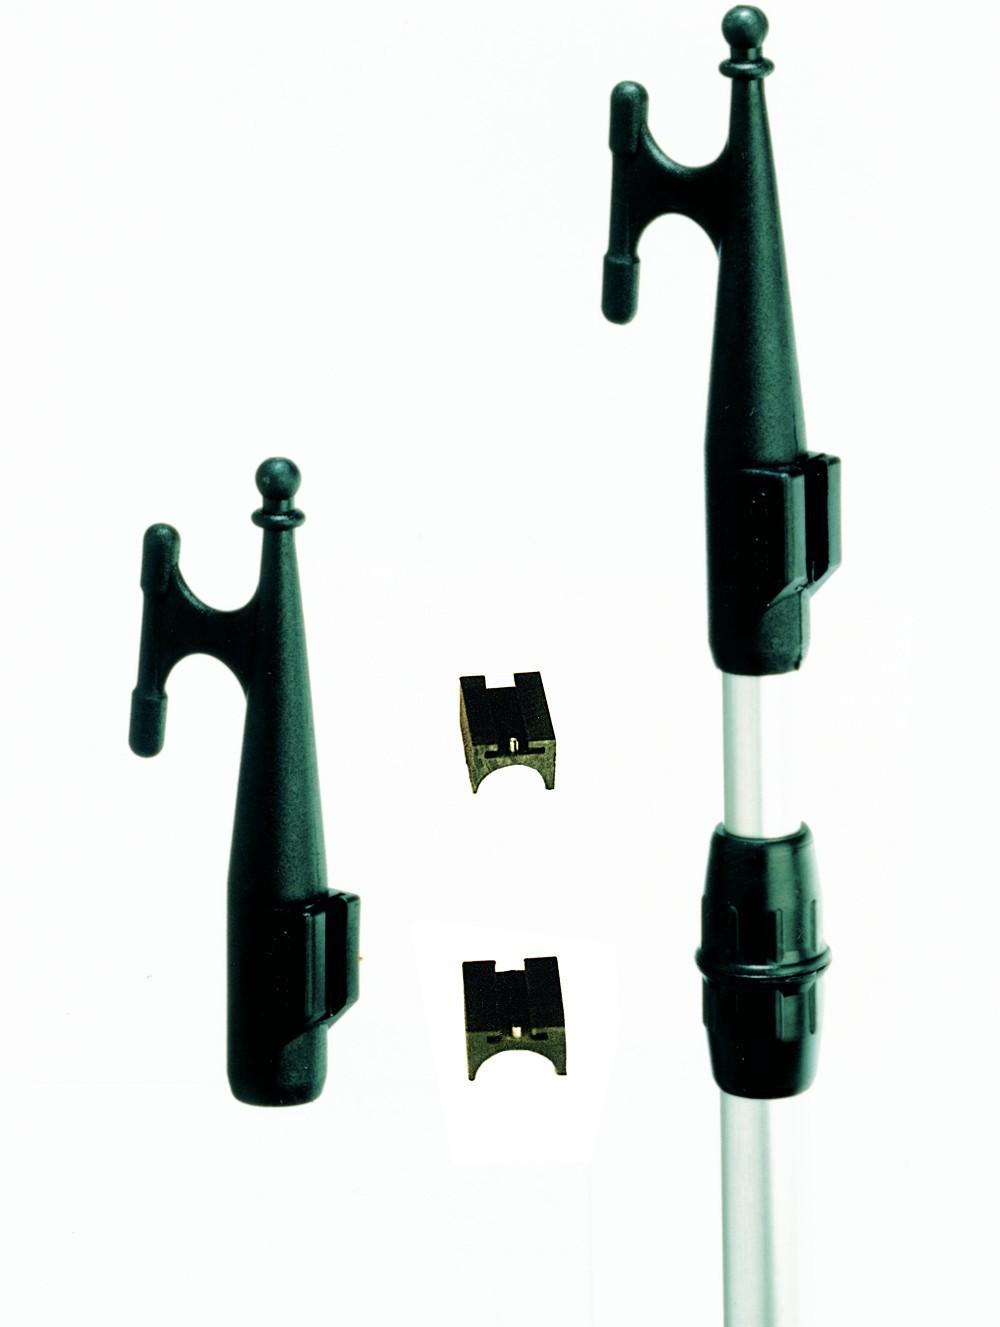 Bichero completo o punta de bichero y adaptadores